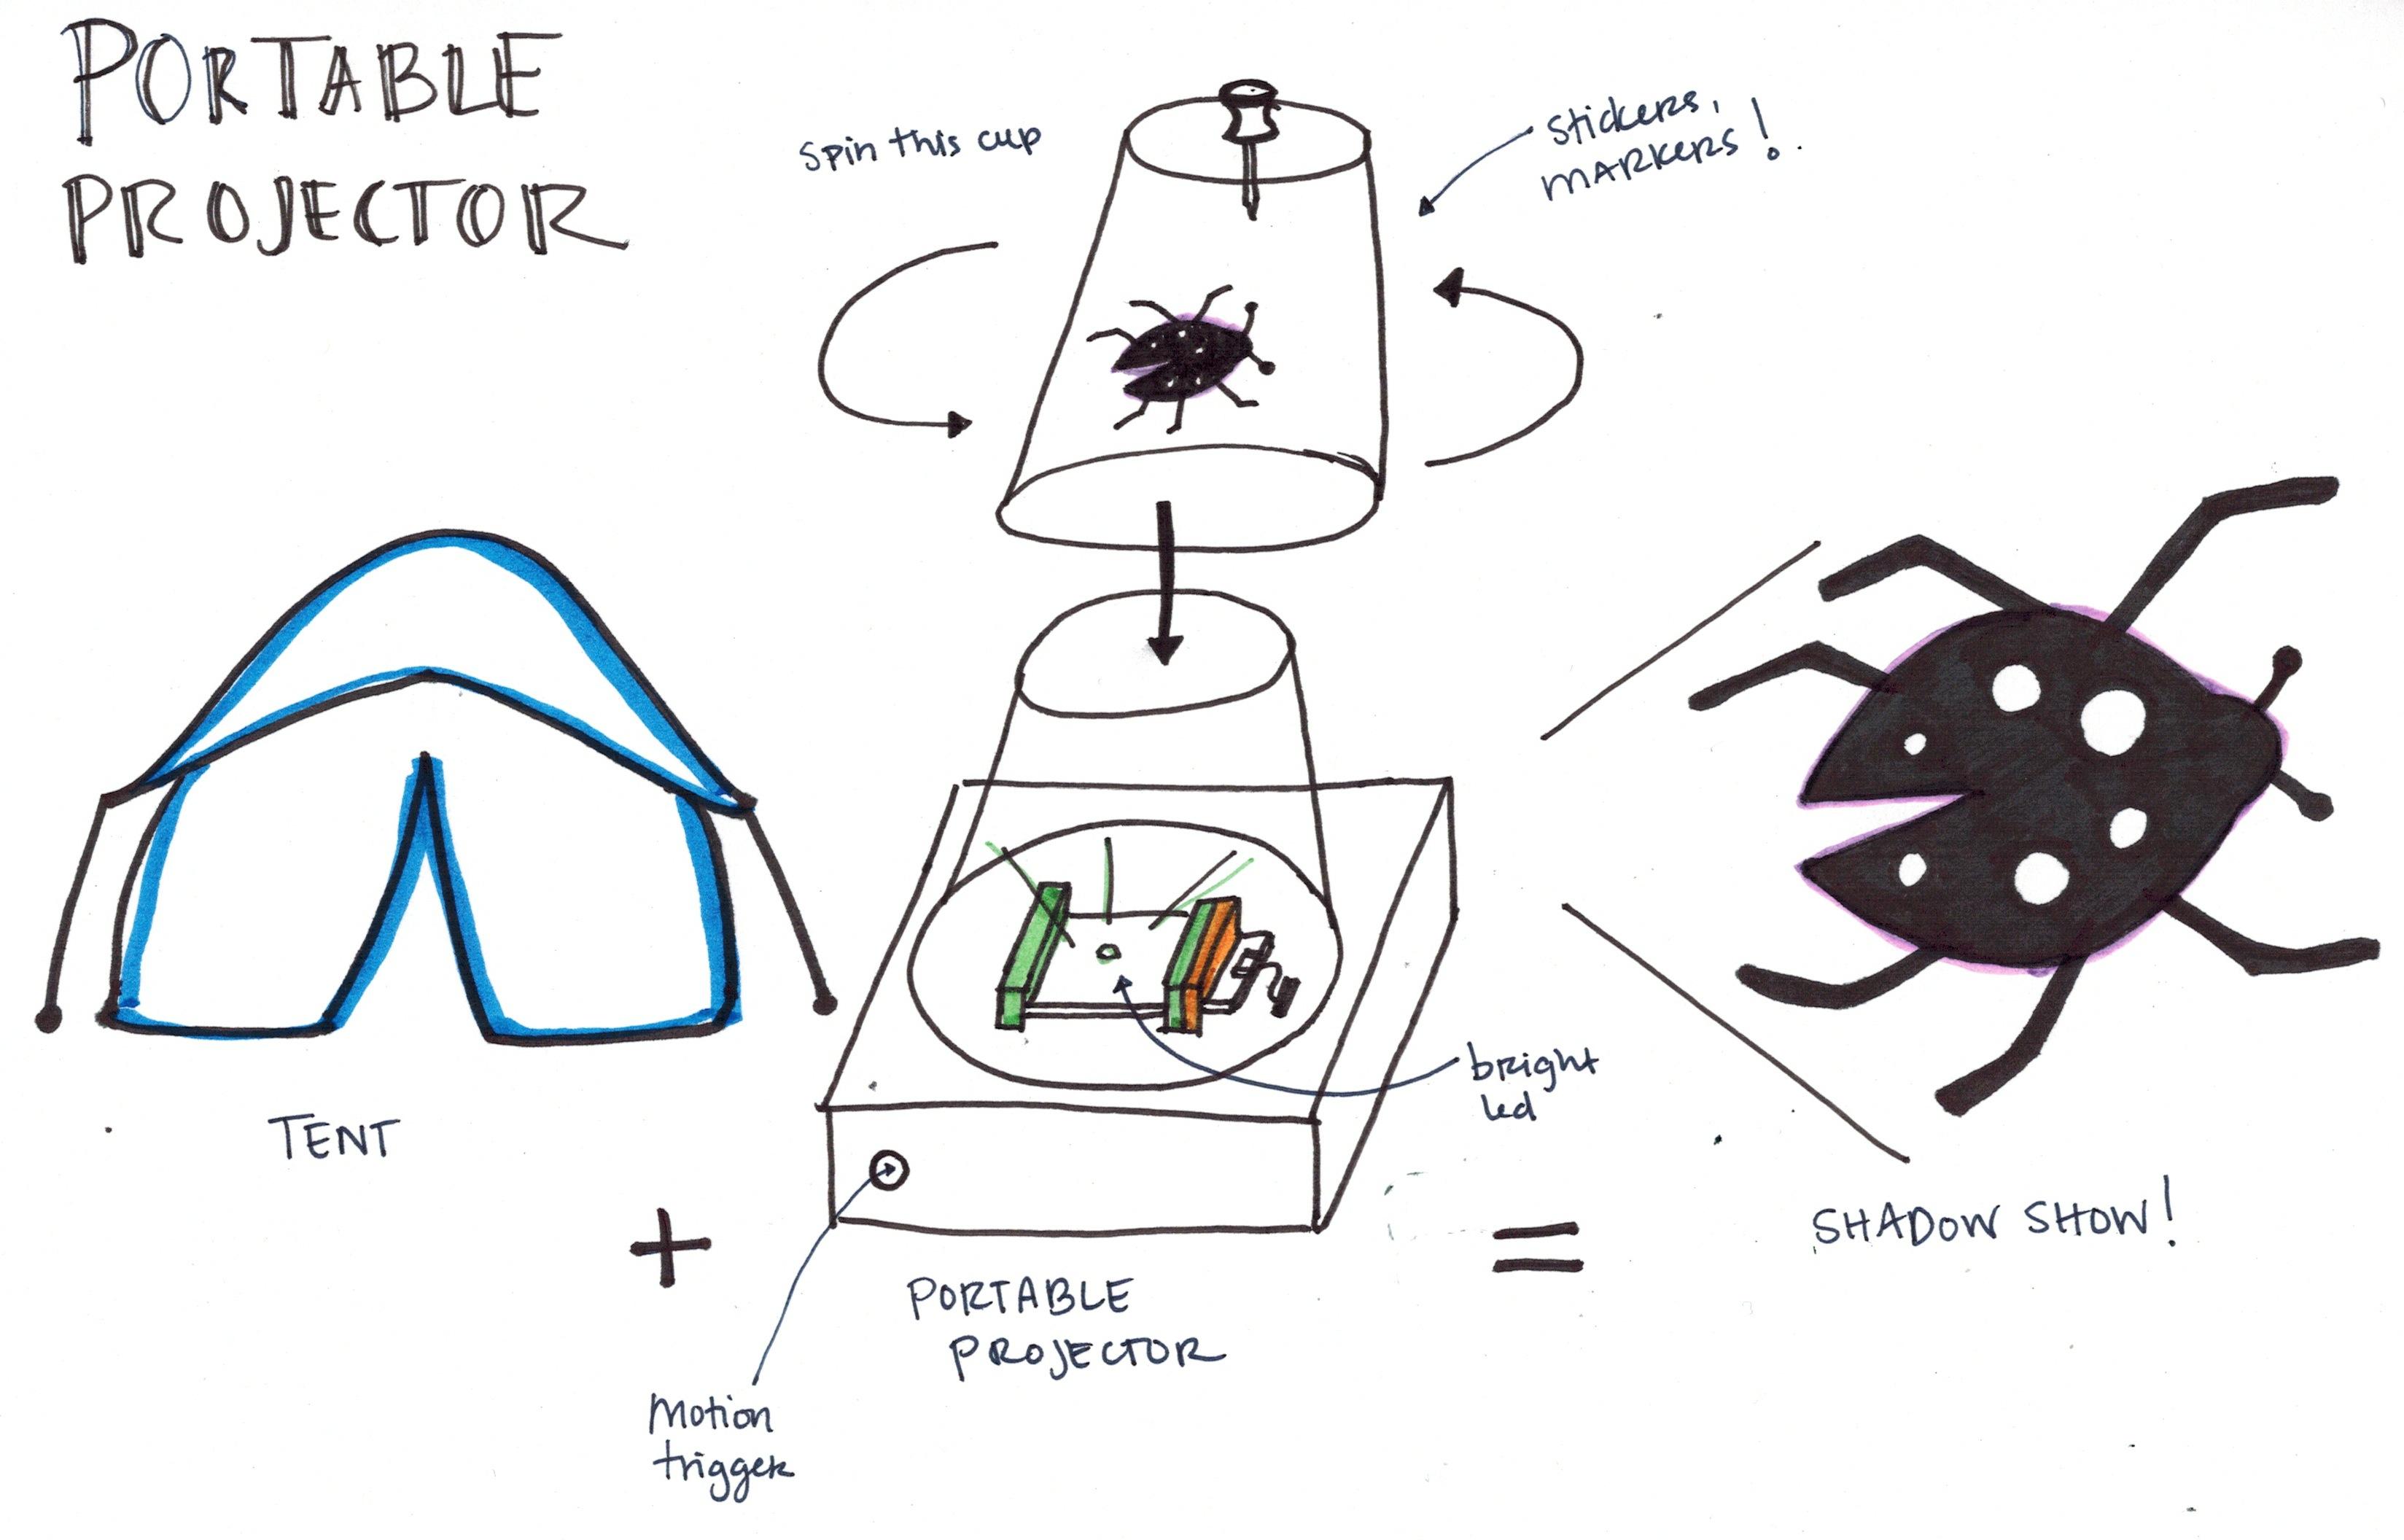 Portable projector sketch